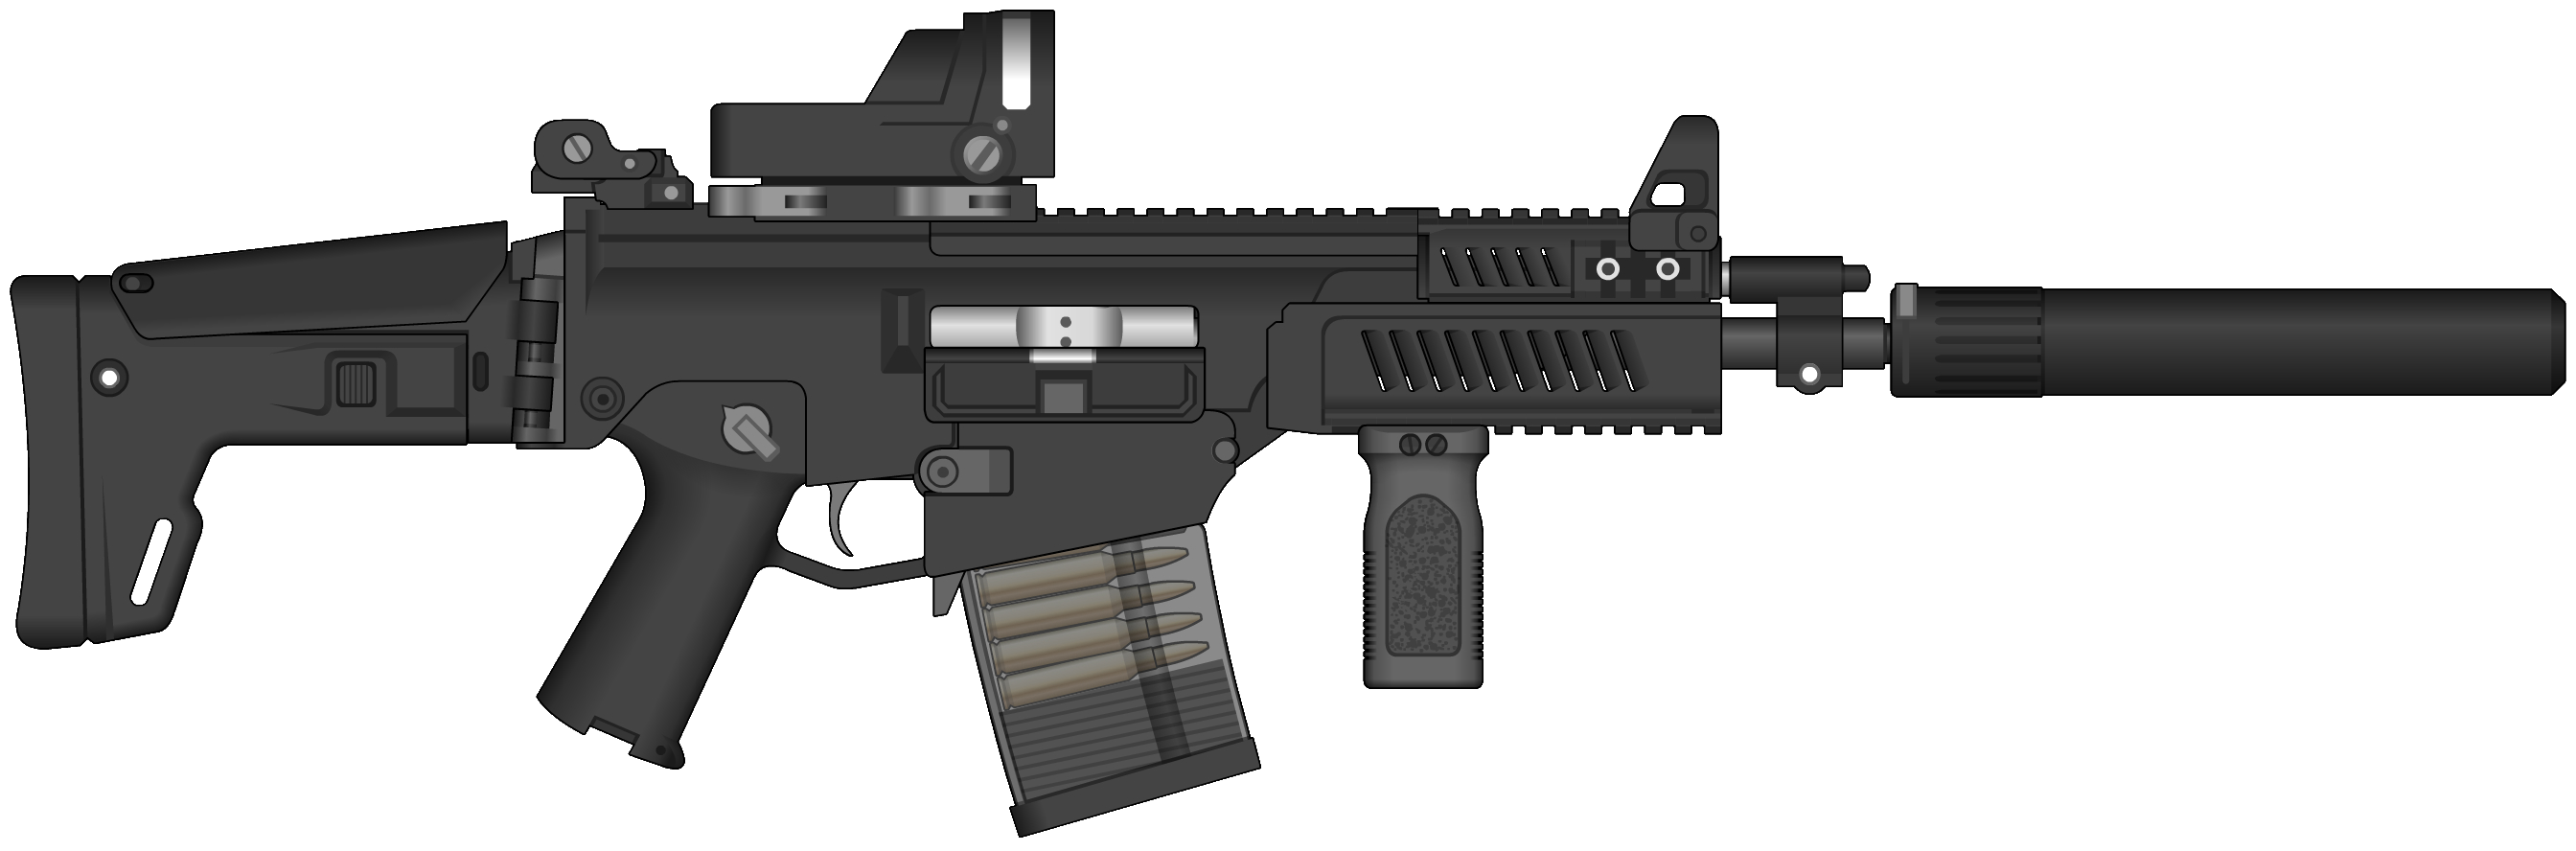 Assault Rifle HD PNG